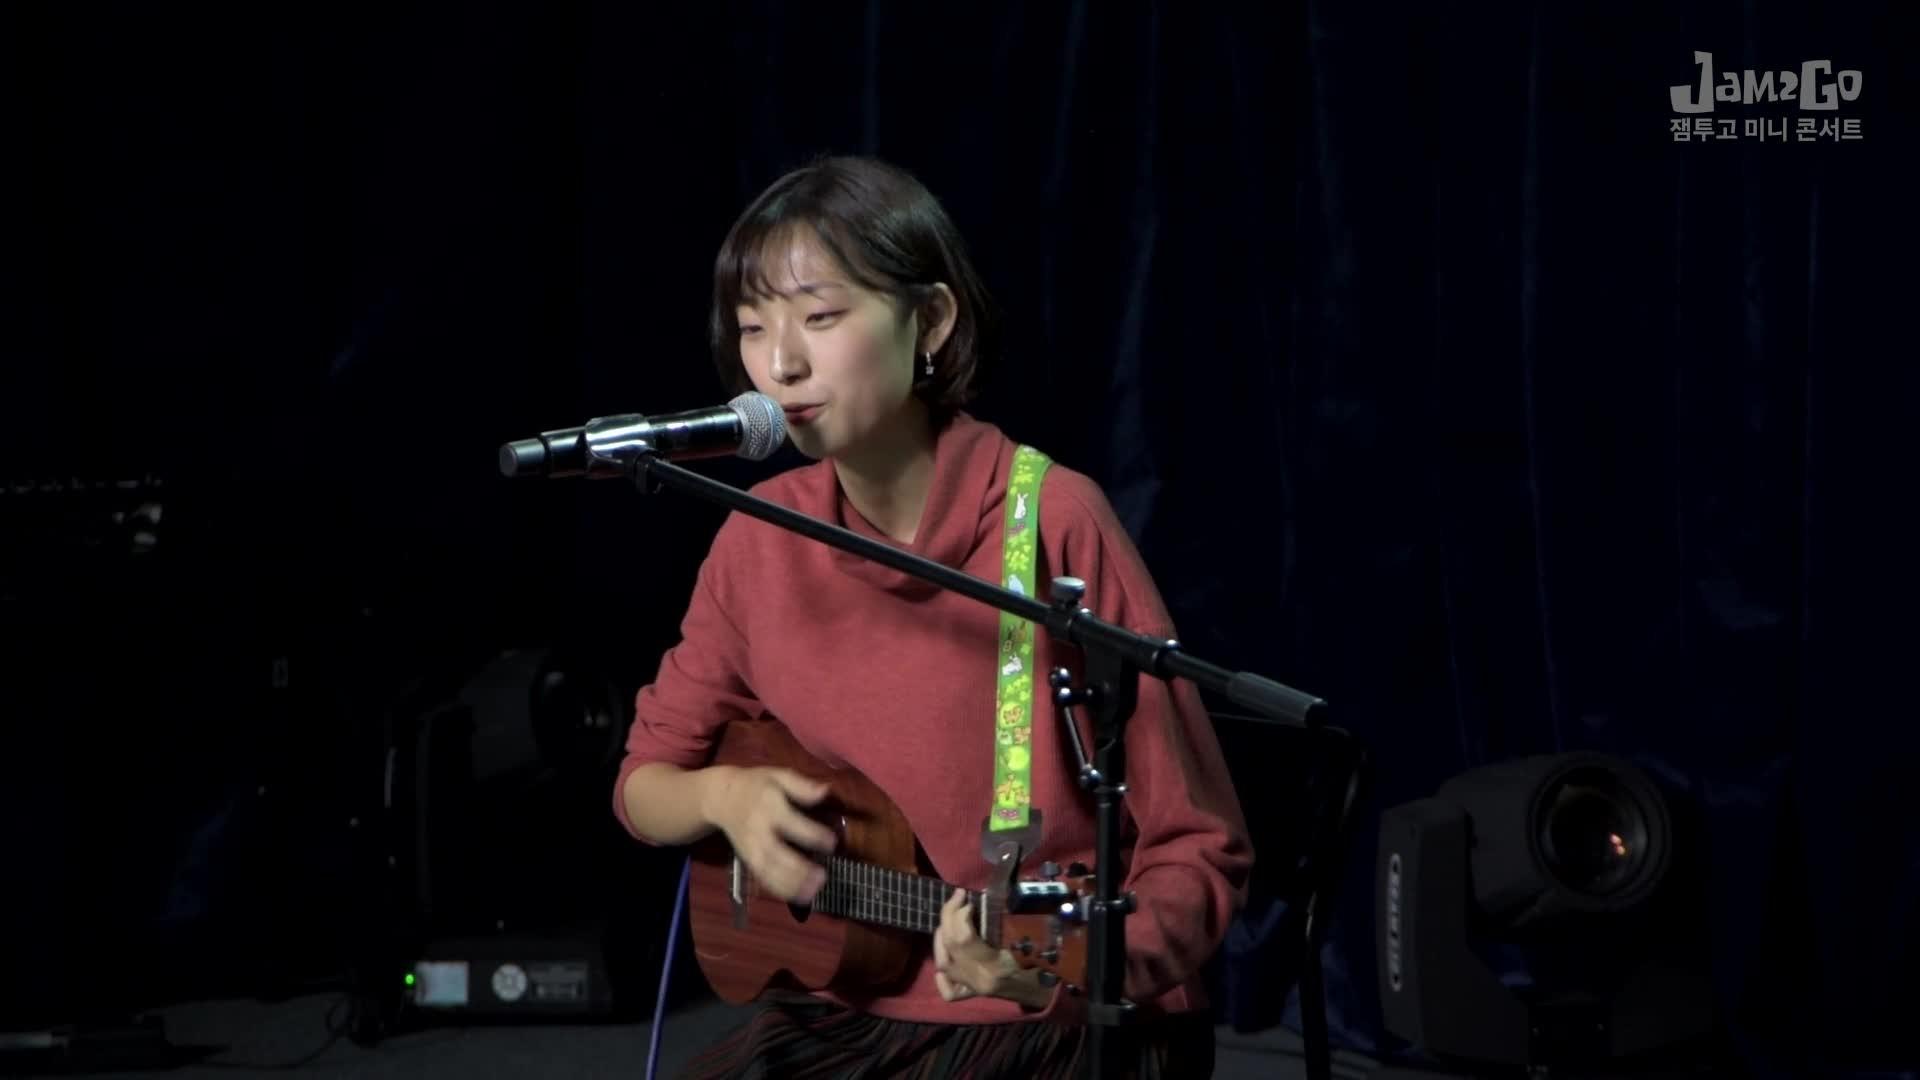 잼투고 미니 콘서트 설레이는 우크렐레 콘서트_20